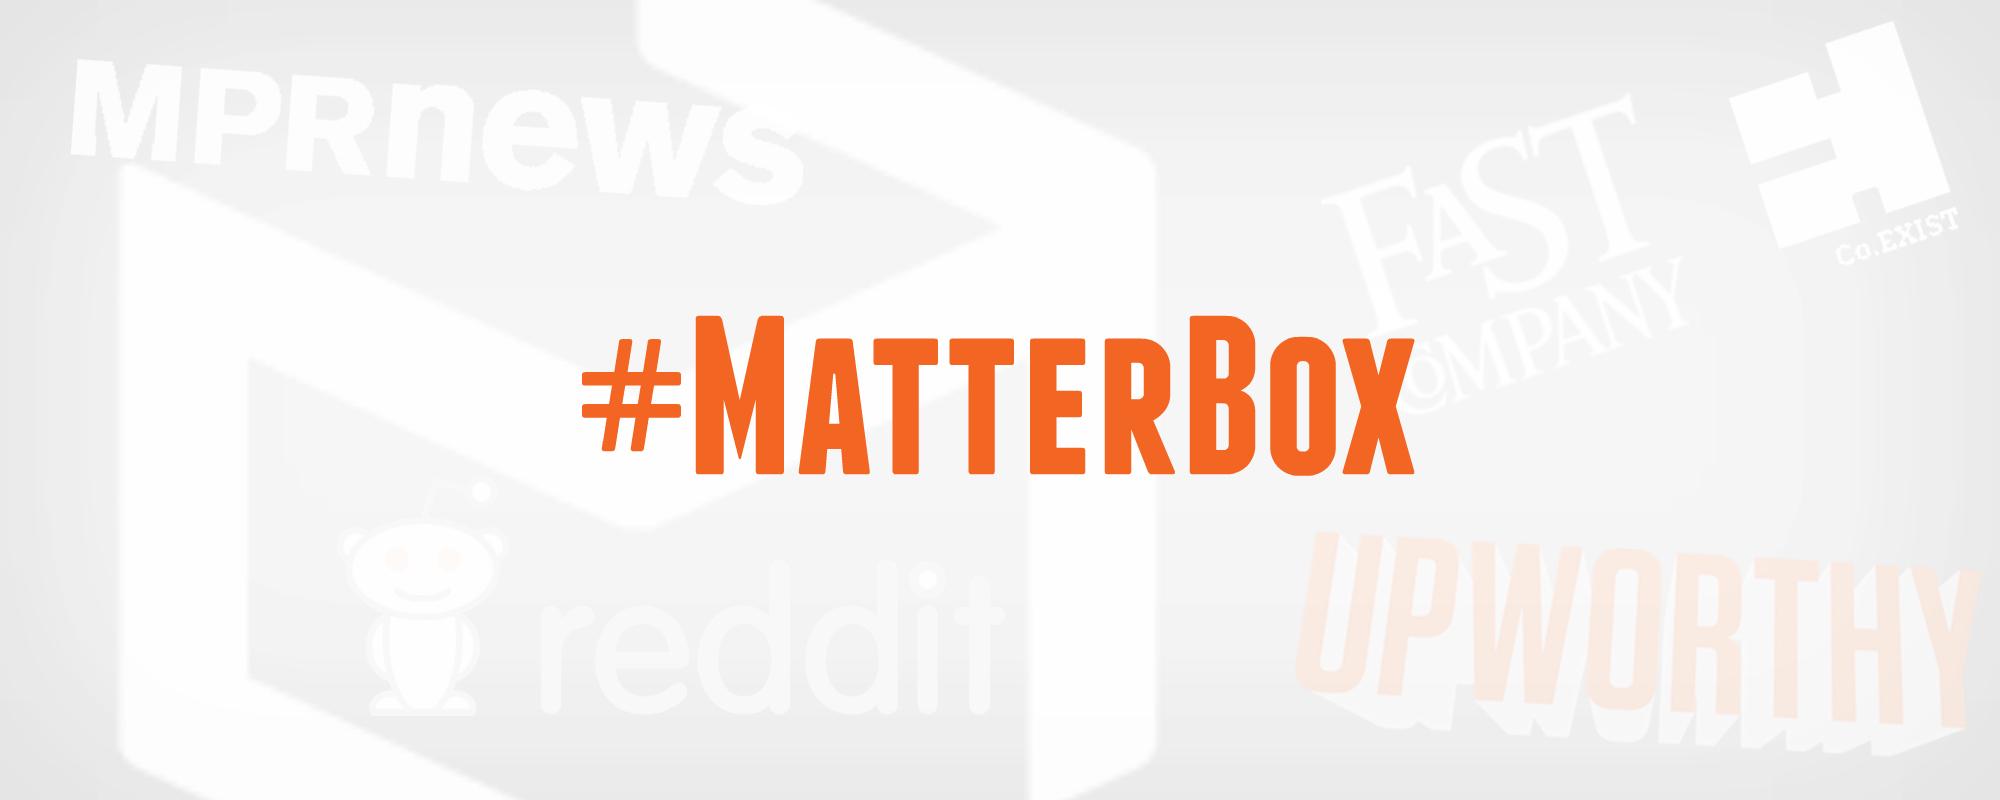 matterbox_news